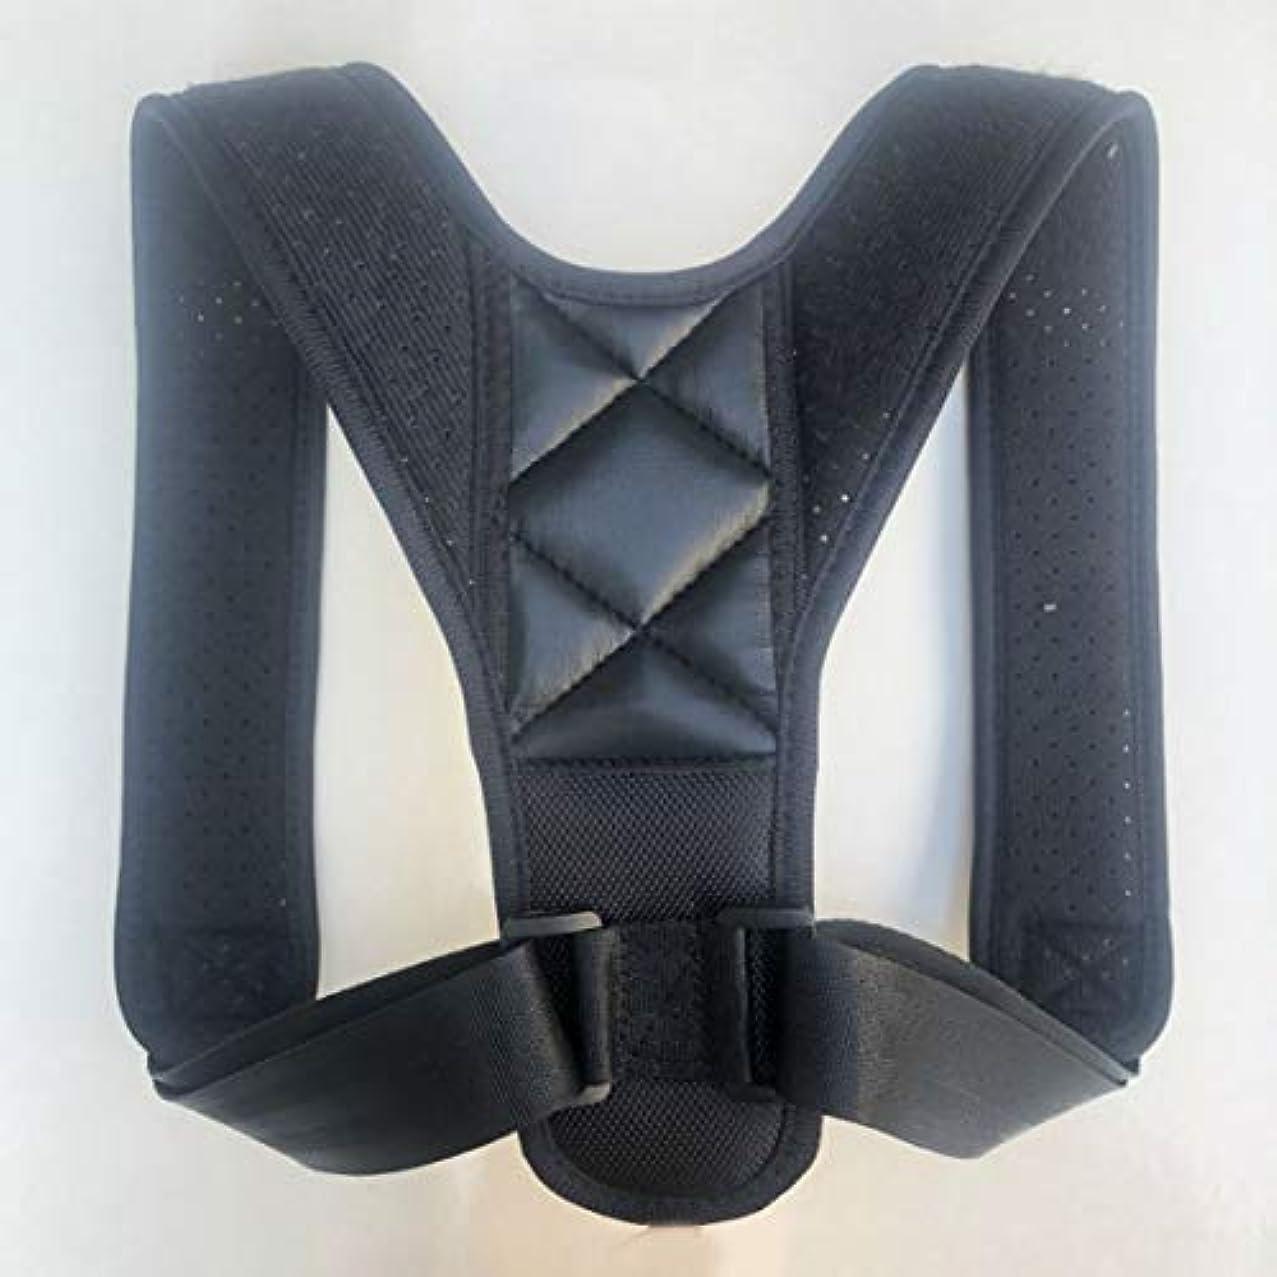 デザート勧めるダンスアッパーバックポスチャーコレクター姿勢鎖骨サポートコレクターバックストレートショルダーブレースストラップコレクター - ブラック